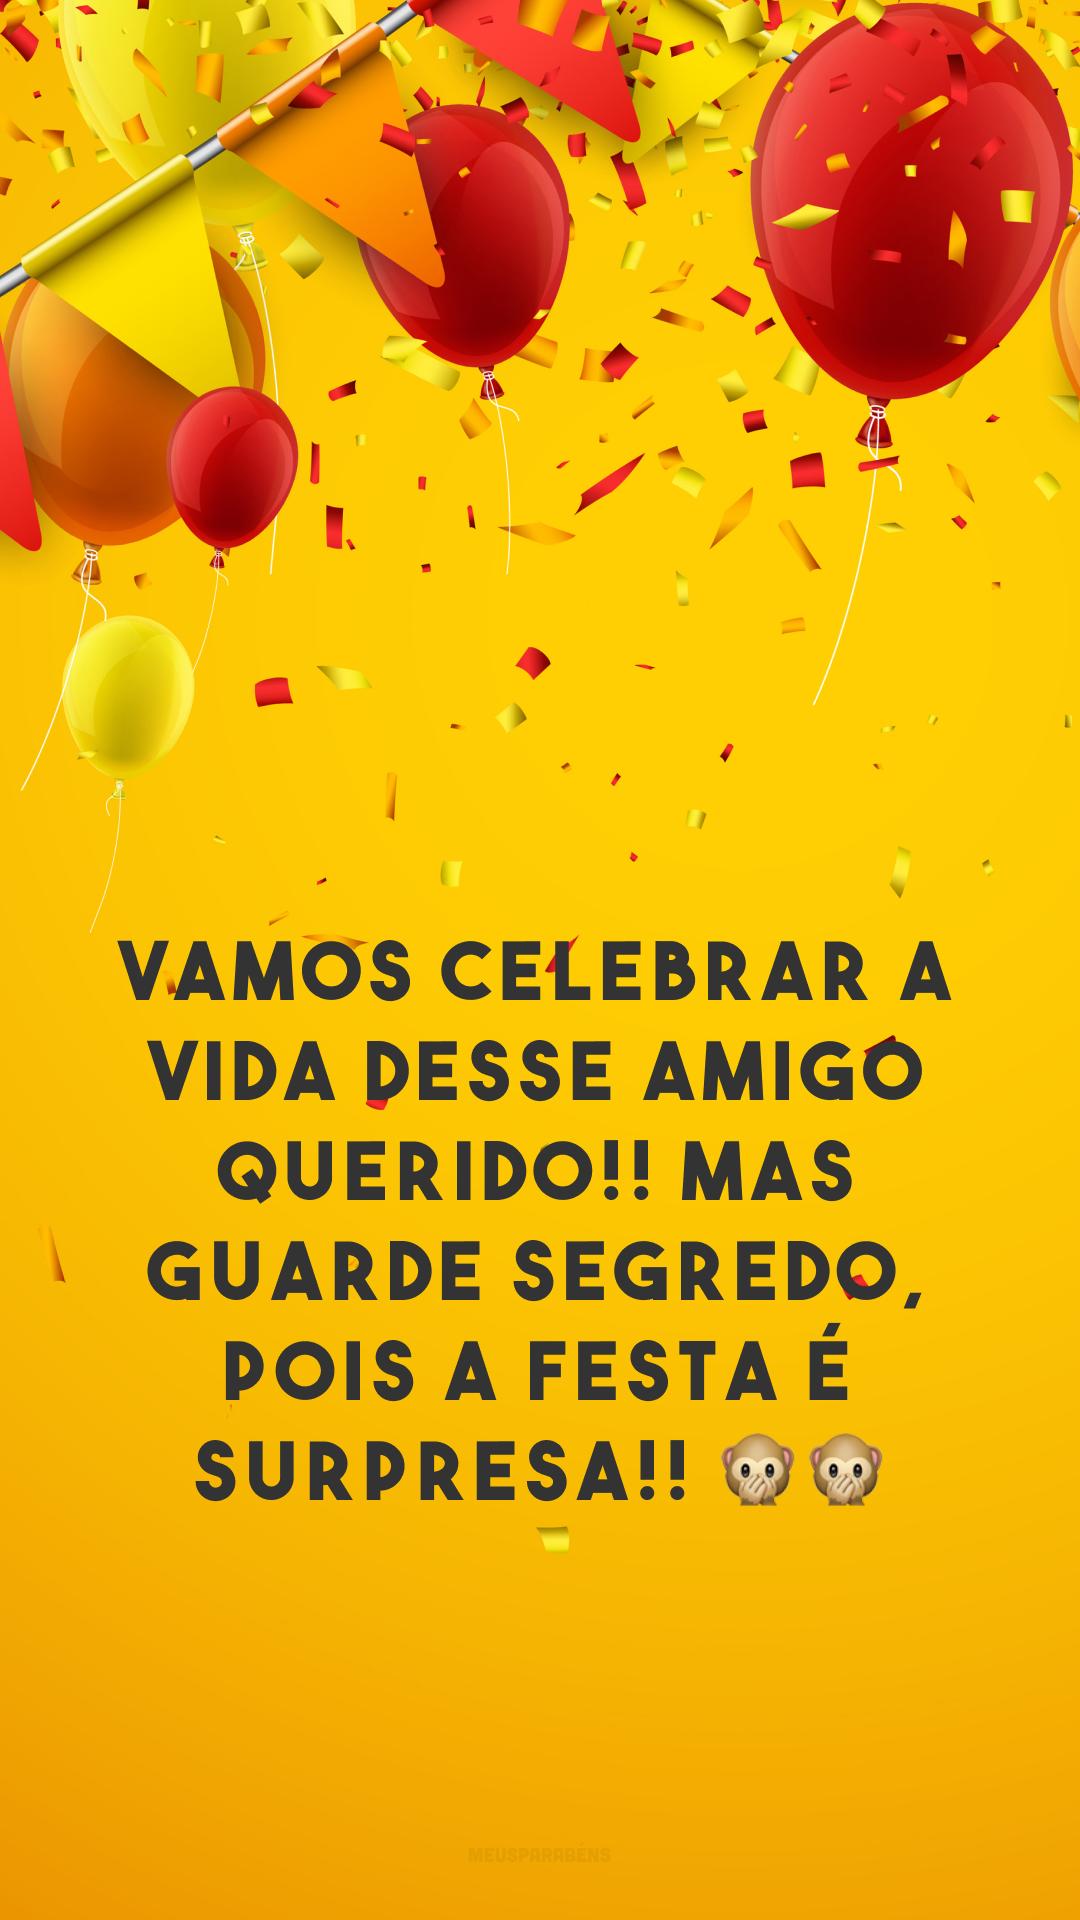 Vamos celebrar a vida desse amigo querido!! Mas guarde segredo, pois a festa é surpresa!! 🙊🙊